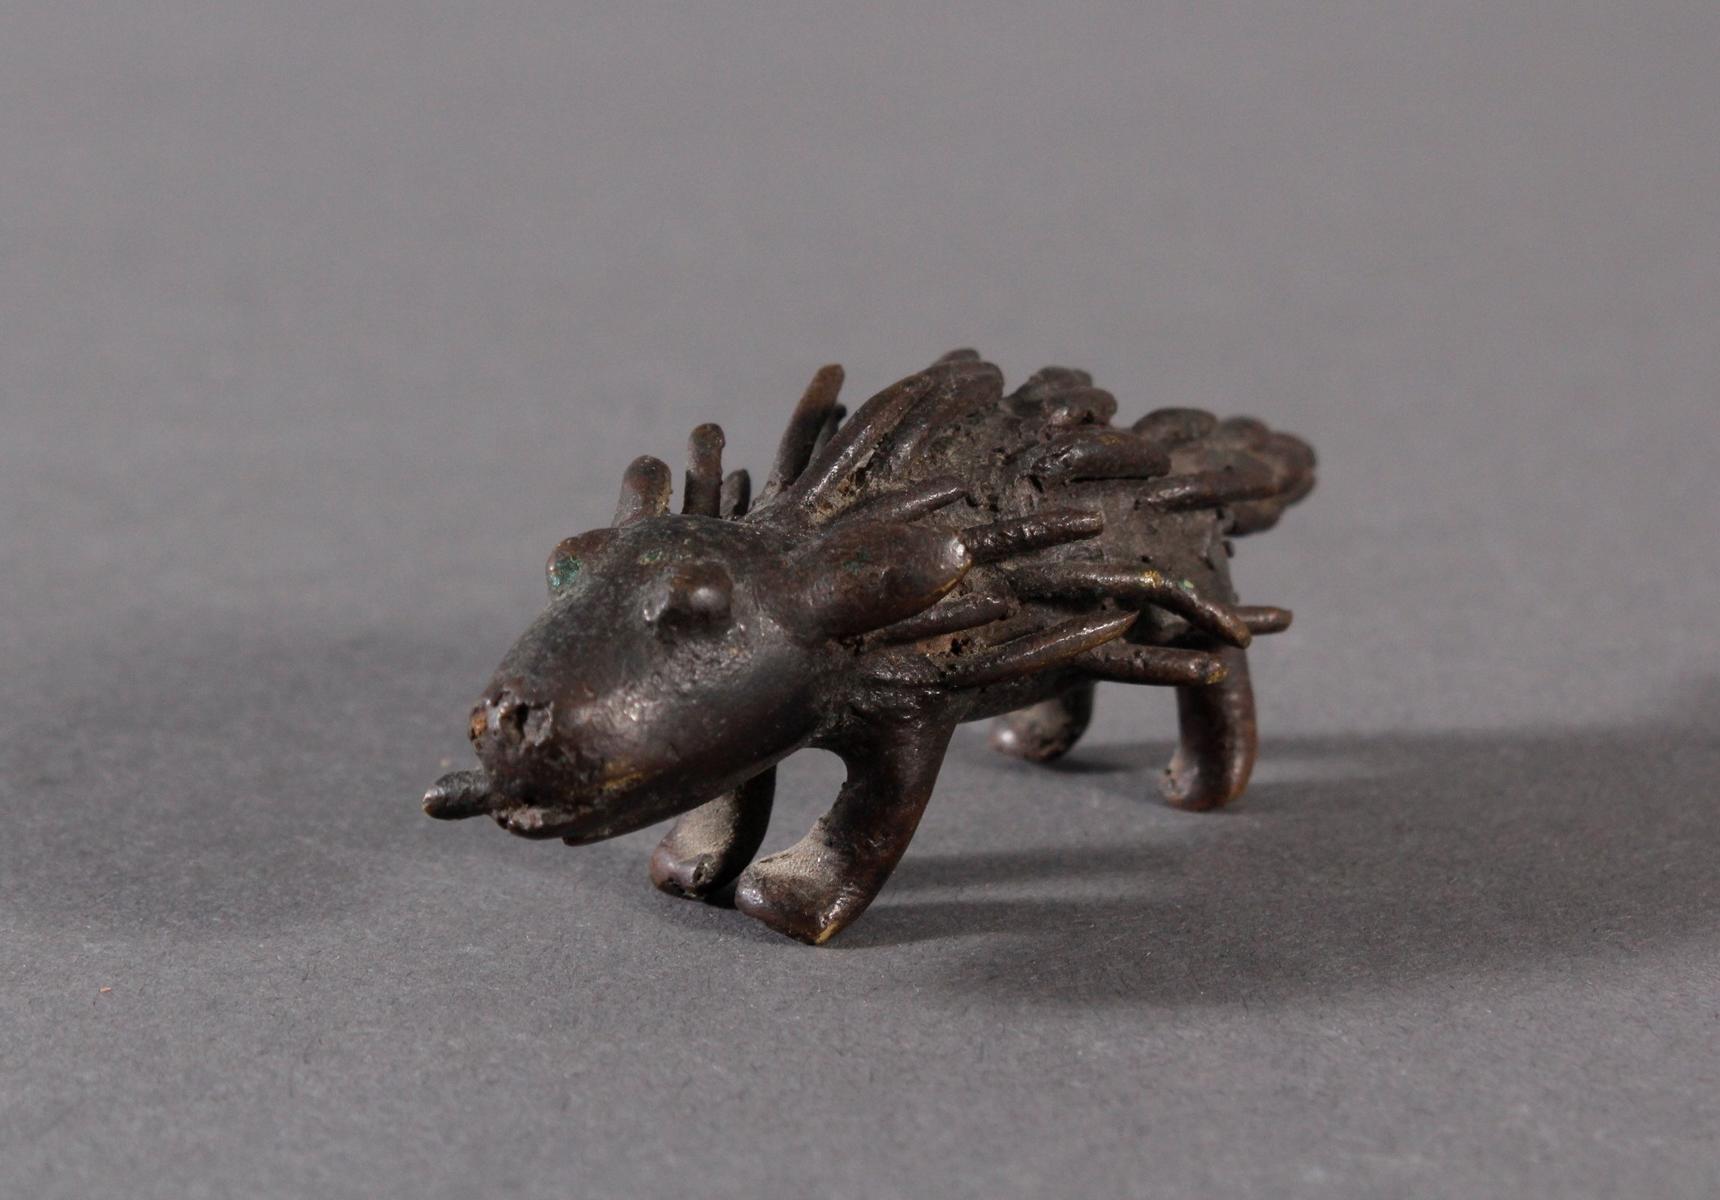 Antike Bronzeskulptur eines Stachelschweins mit dunkler Patina-2